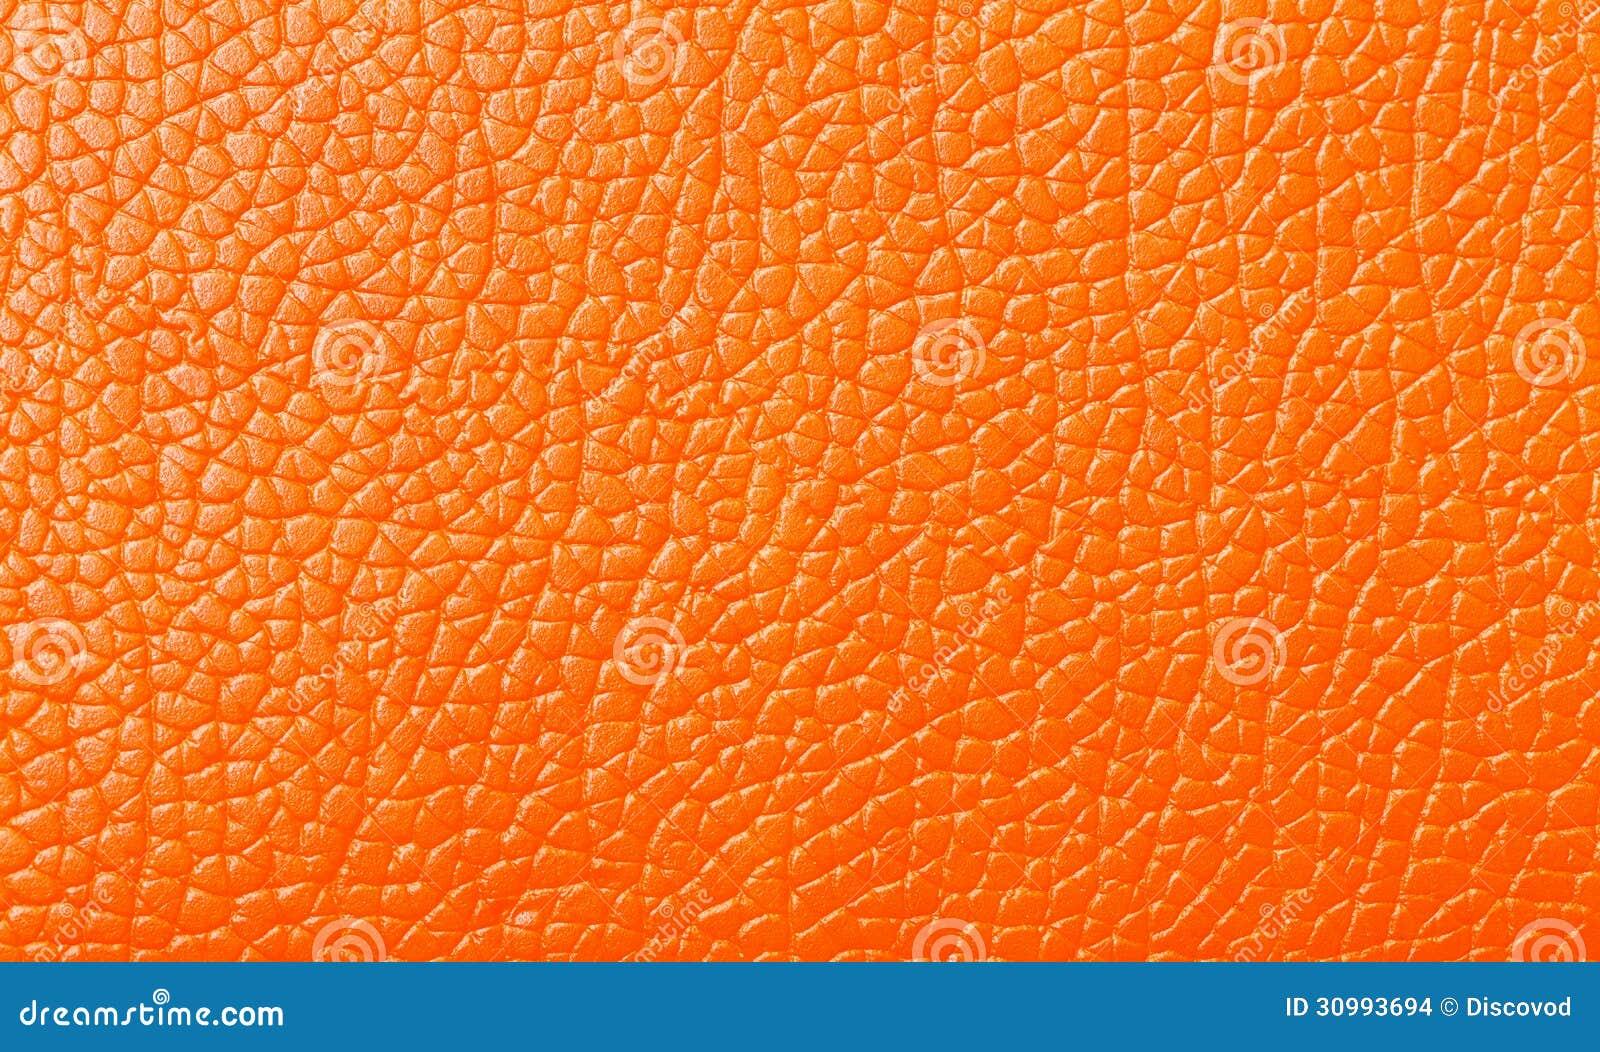 LOL海克斯精萃地图攻略轨迹a精萃兑换融之零有用蓝色橙色图片